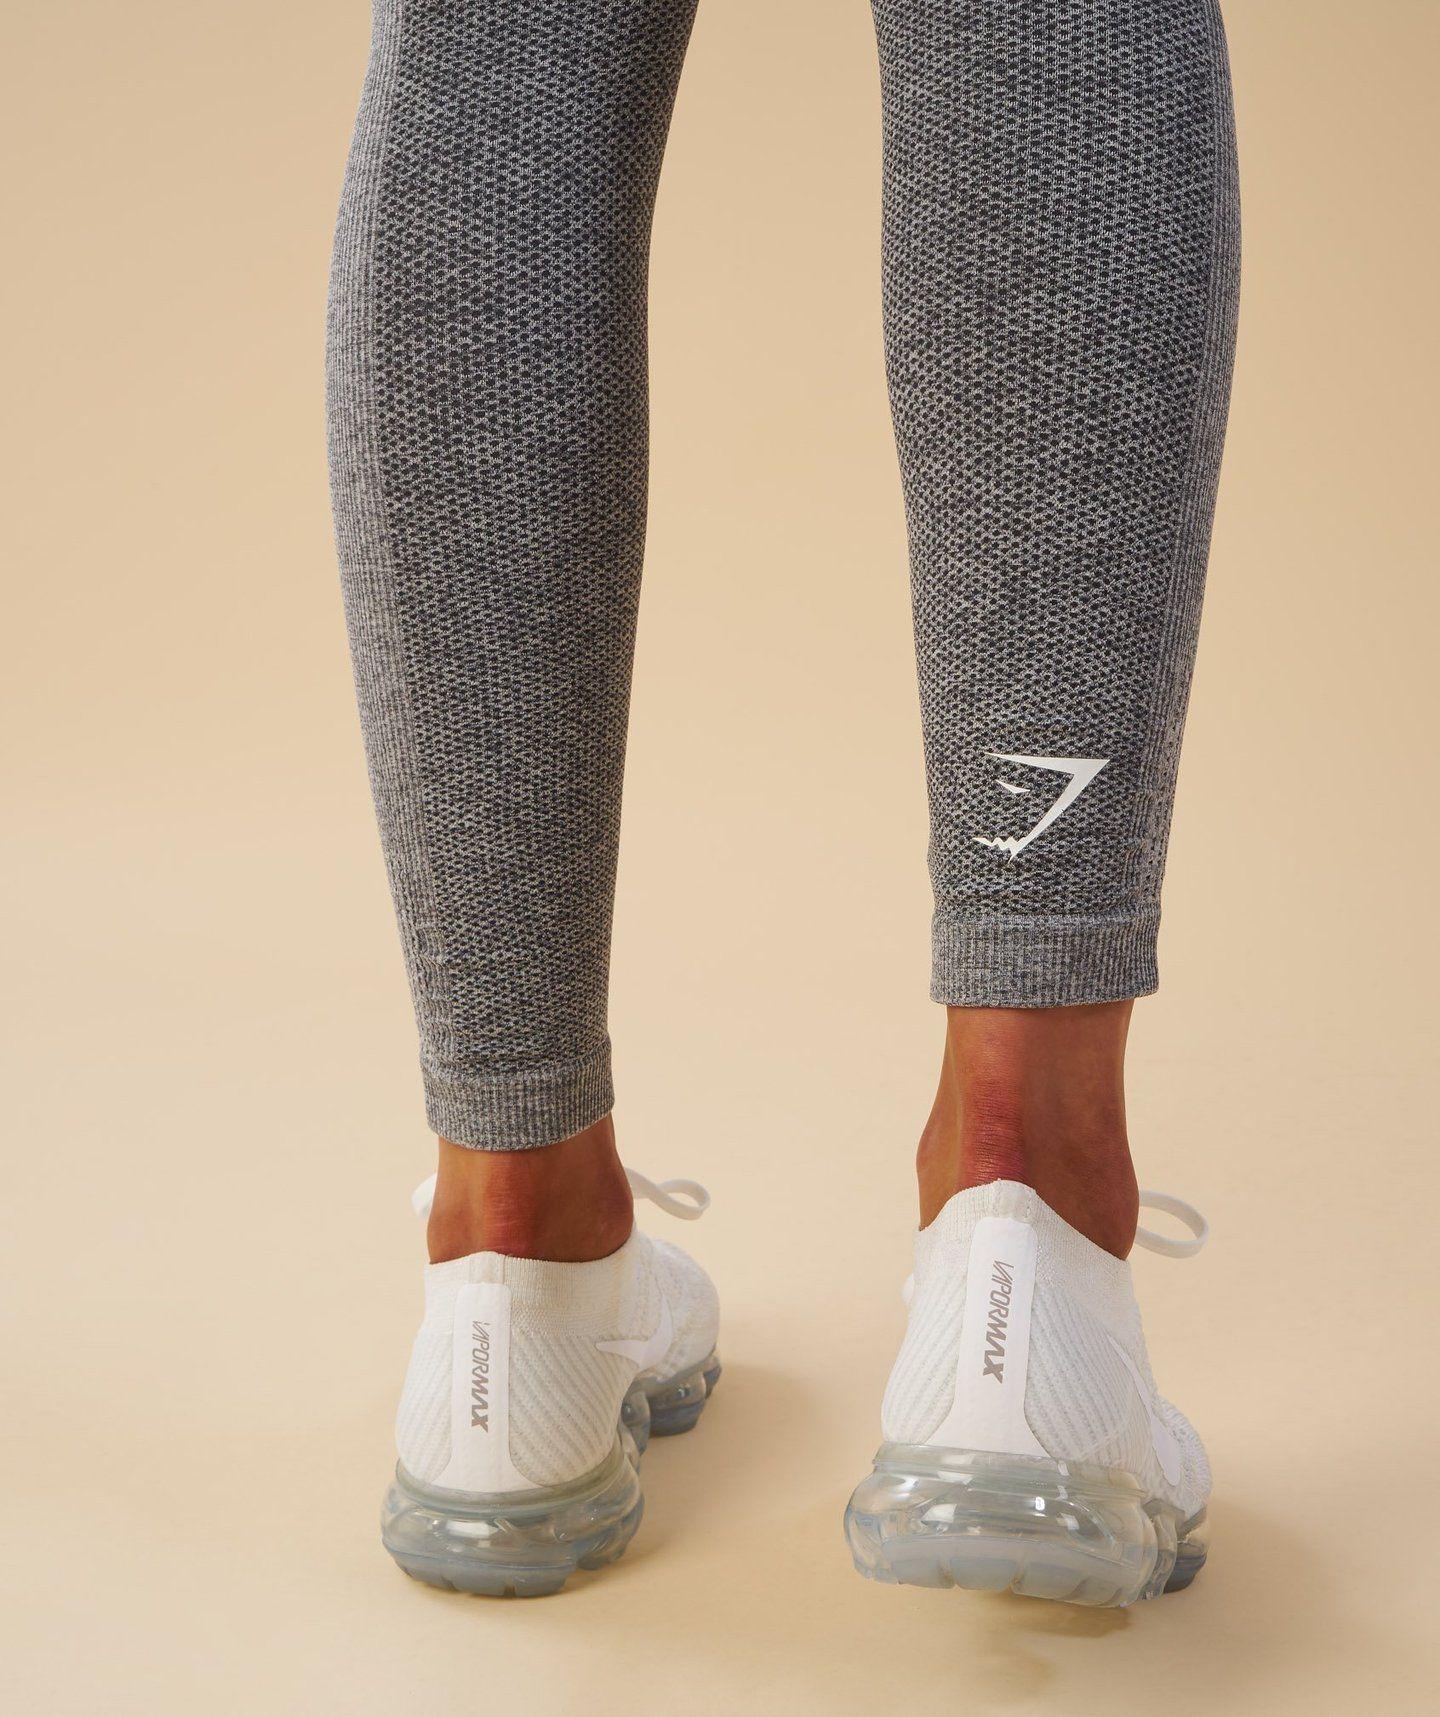 4df95ecfcc07a Gymshark Ombre Seamless Leggings - Black/Light Grey 4 | Gymshark ...